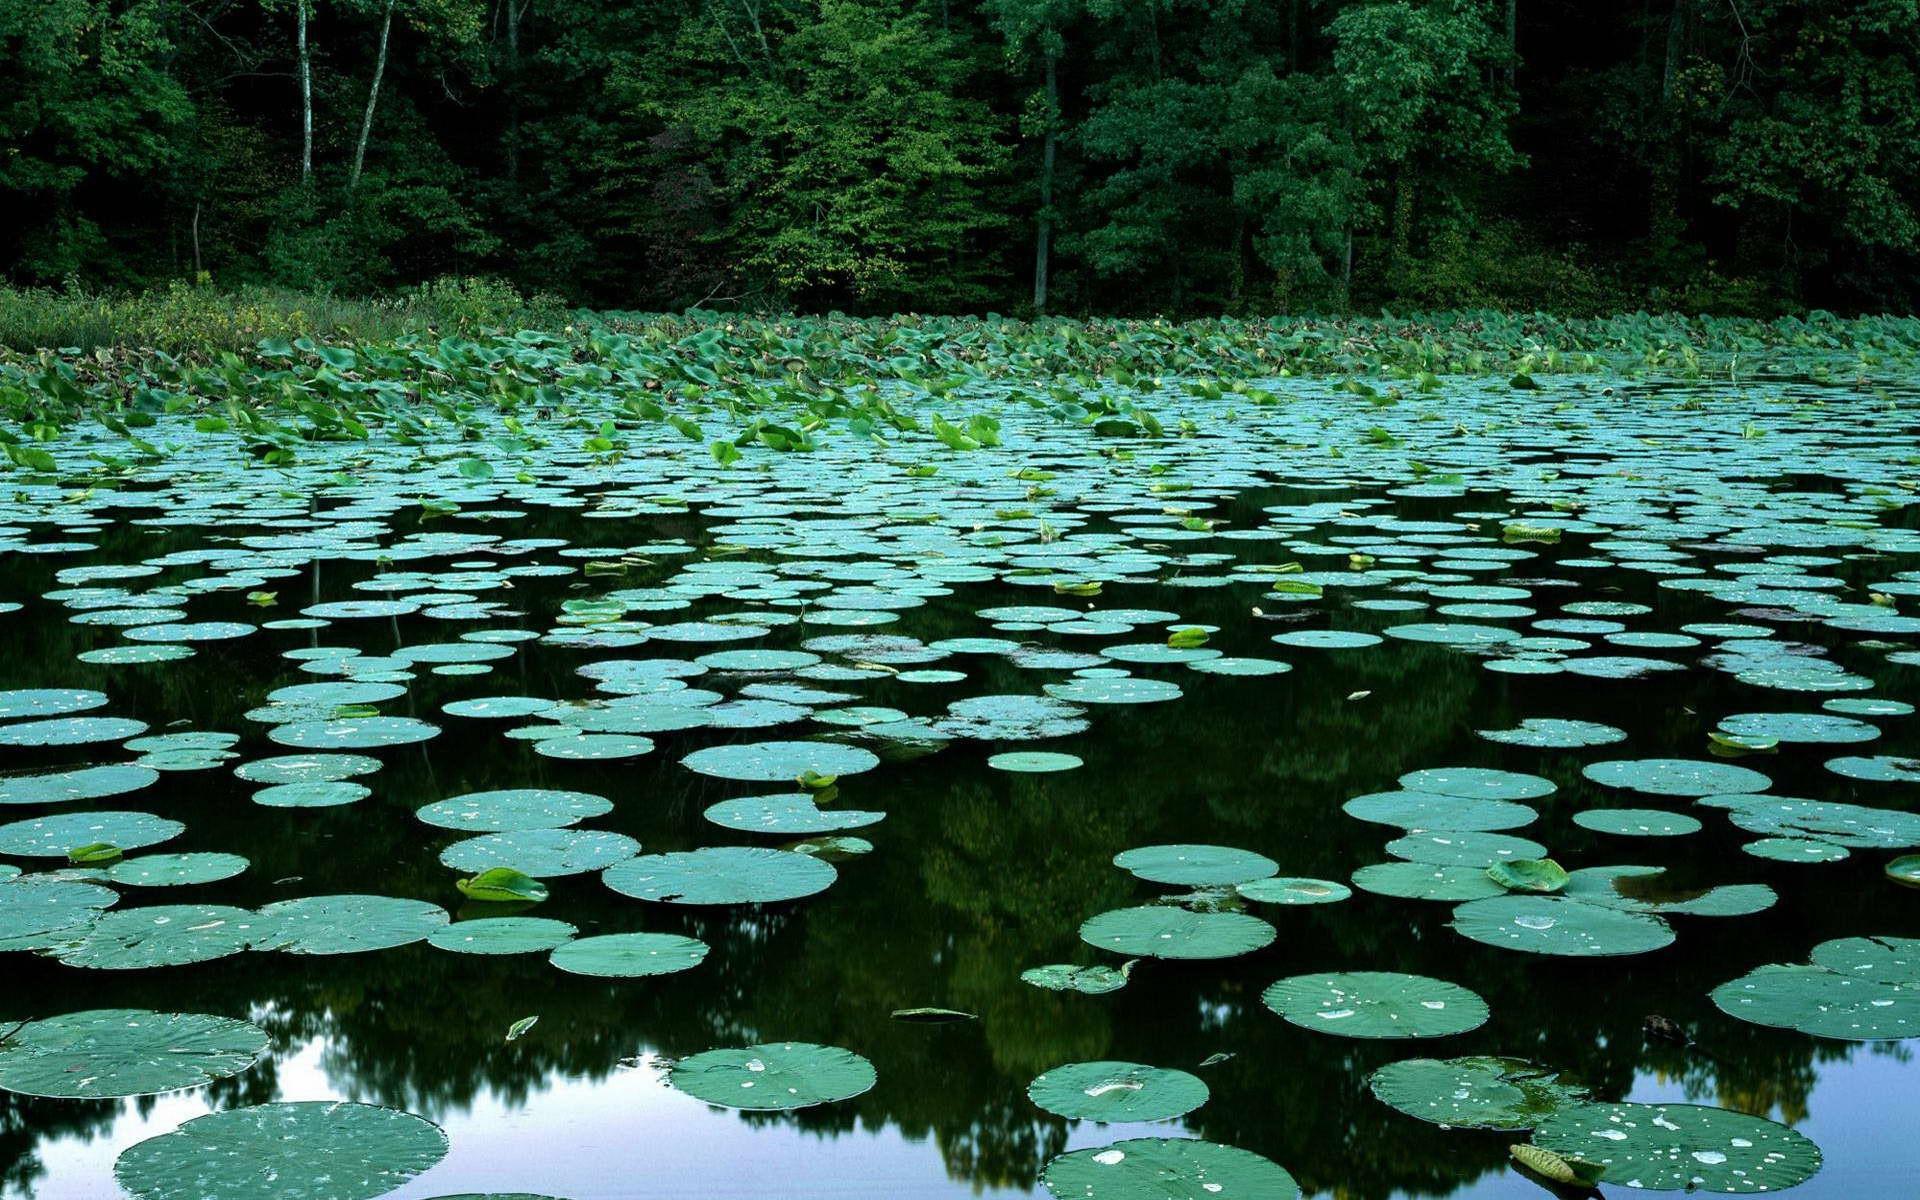 Кувшинки в синем озере скачать